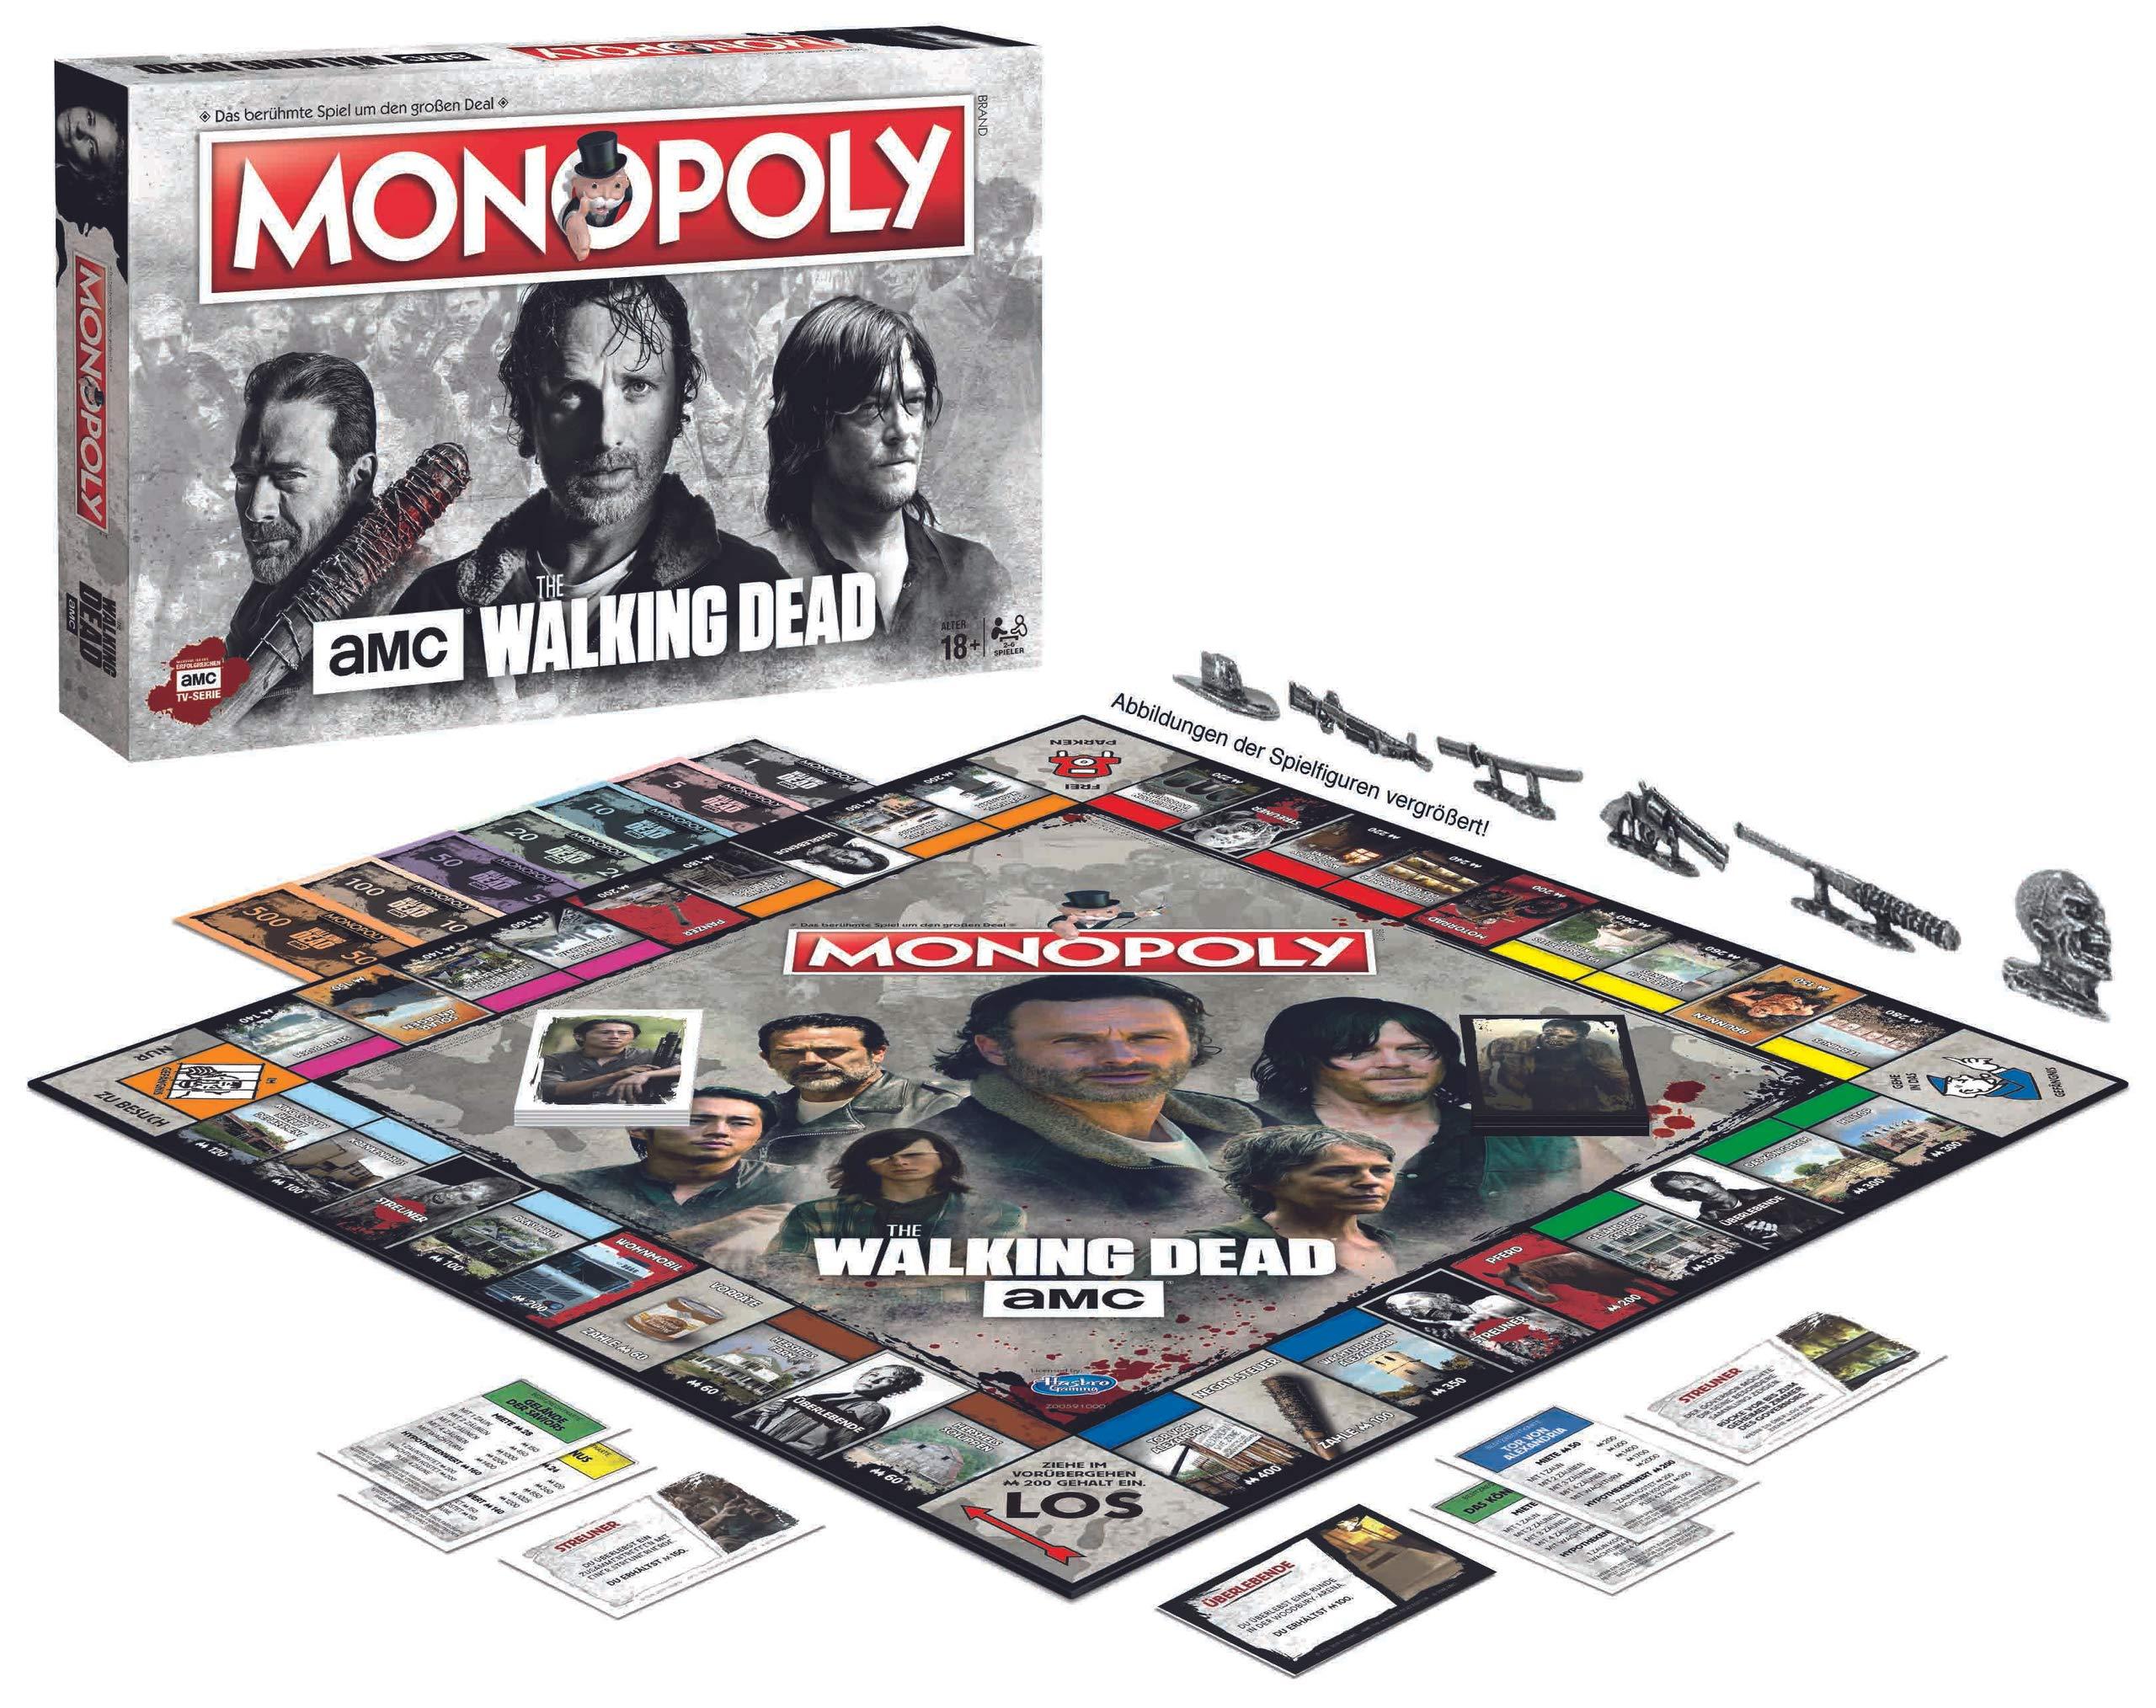 Monopoly The Walking Dead AMC: Amazon.es: Winning, Moves: Libros en idiomas extranjeros